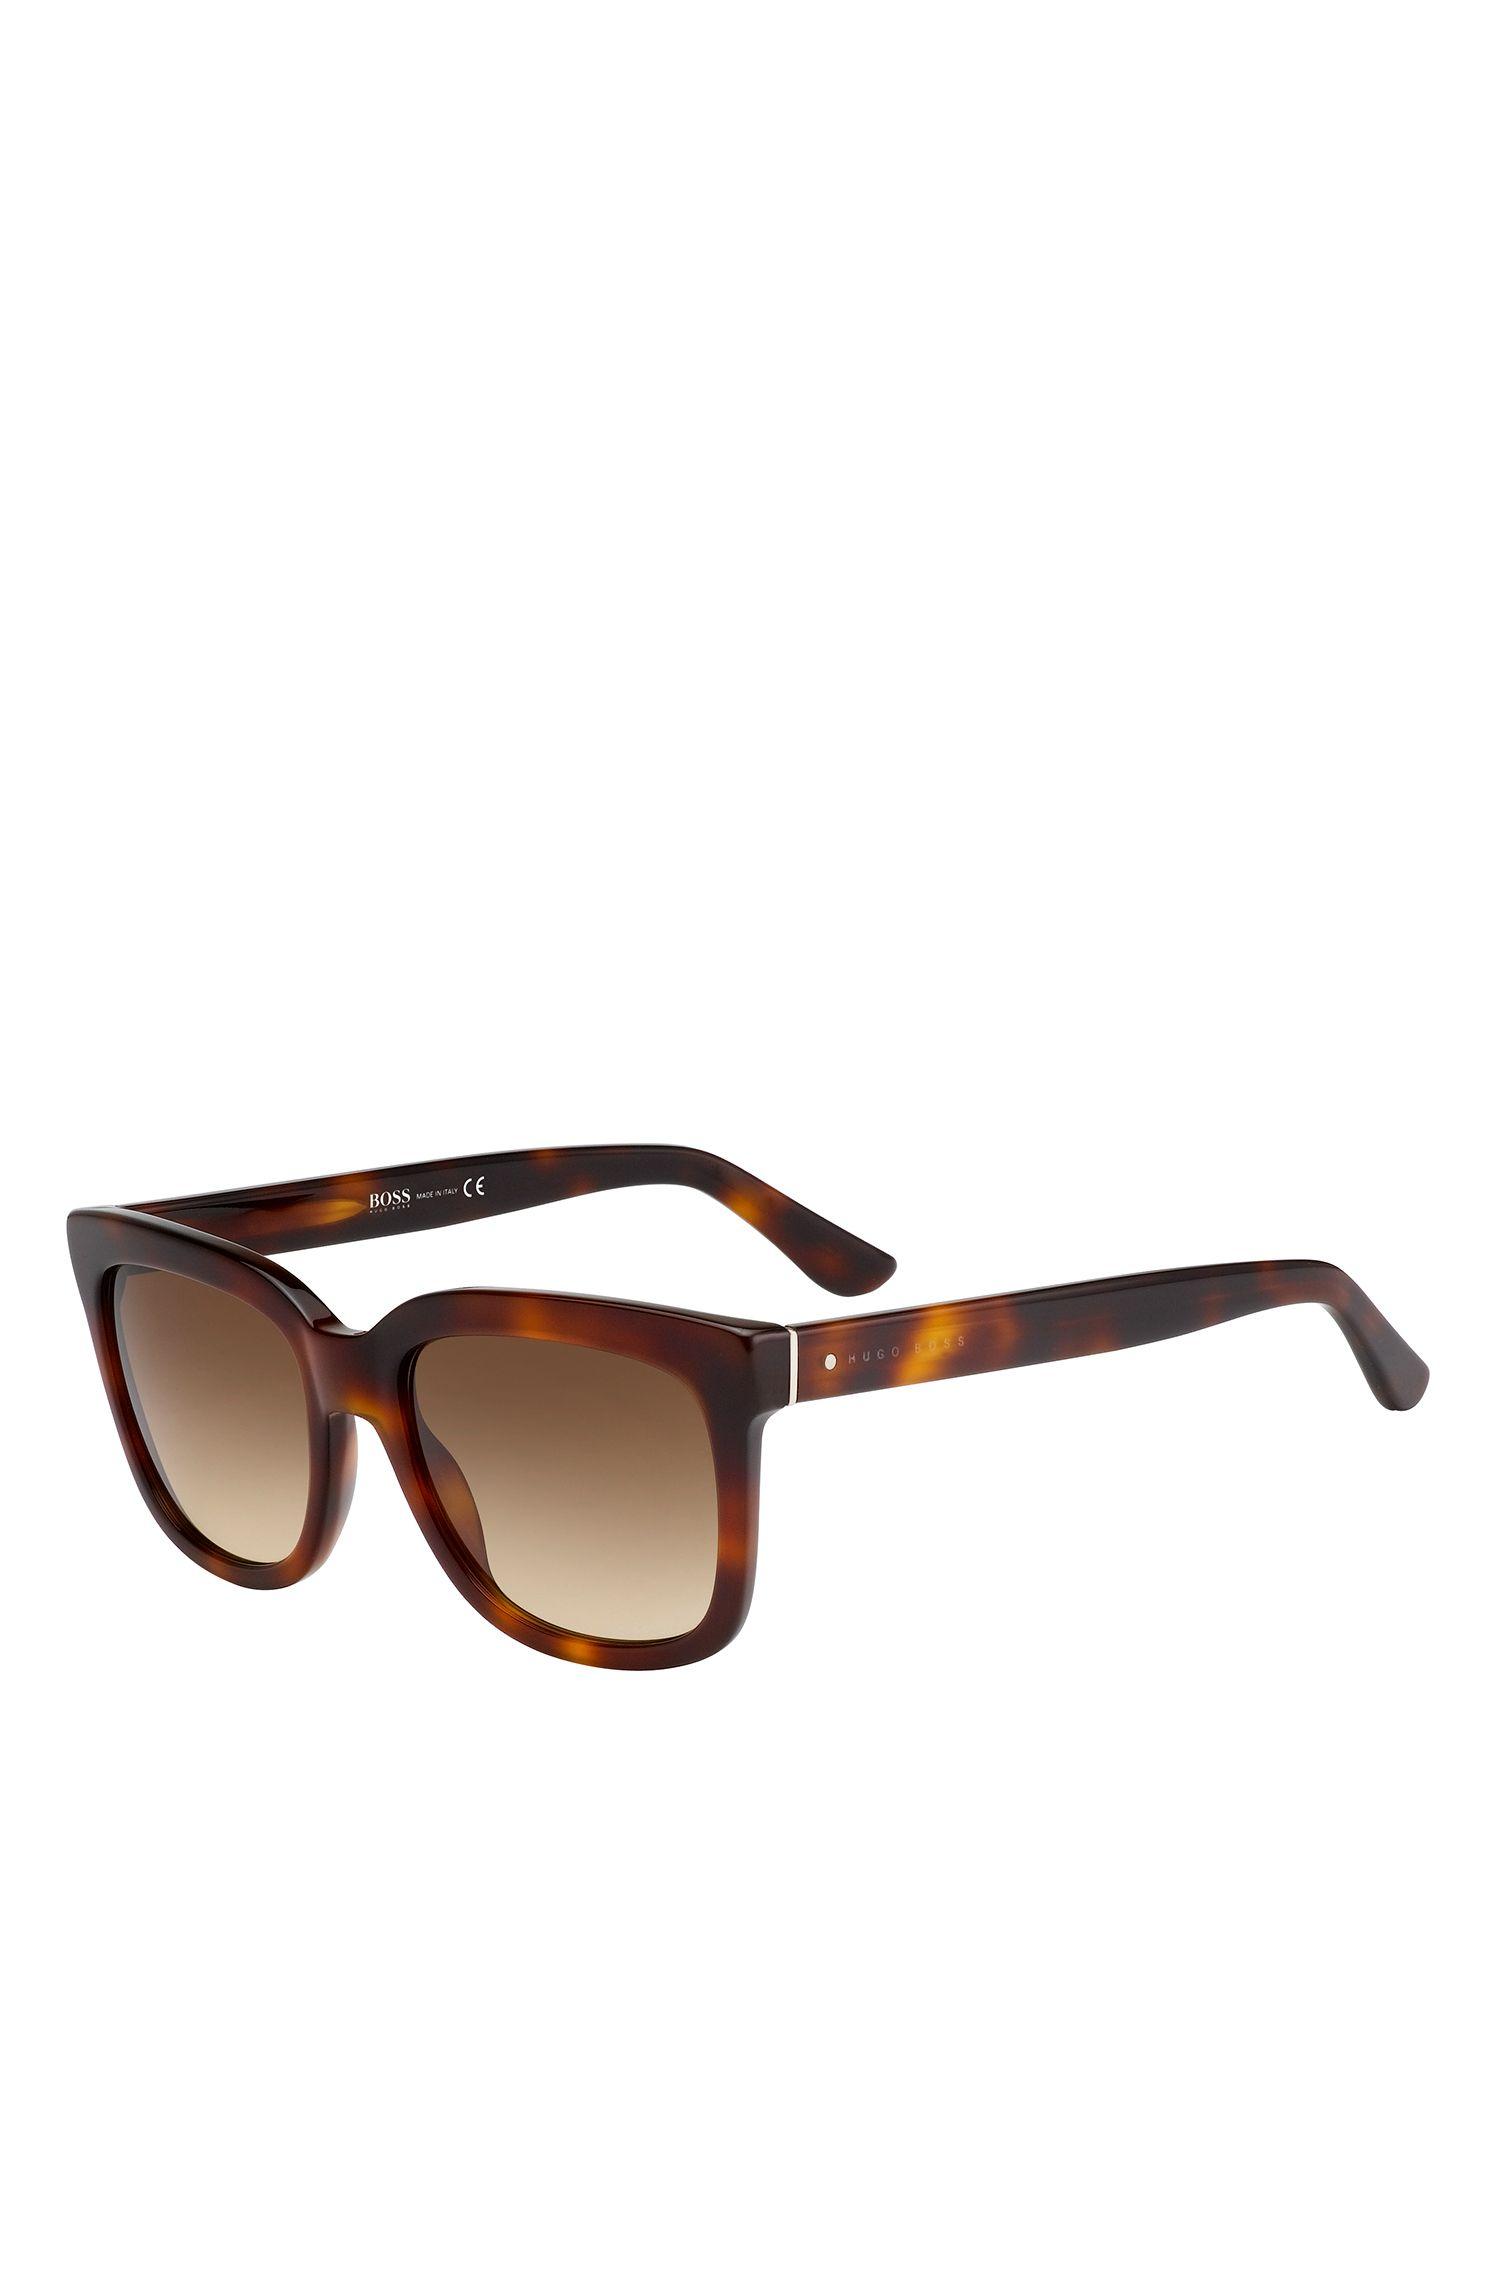 'BOSS 0741S'   Brown Lens Rectangular Sunglasses